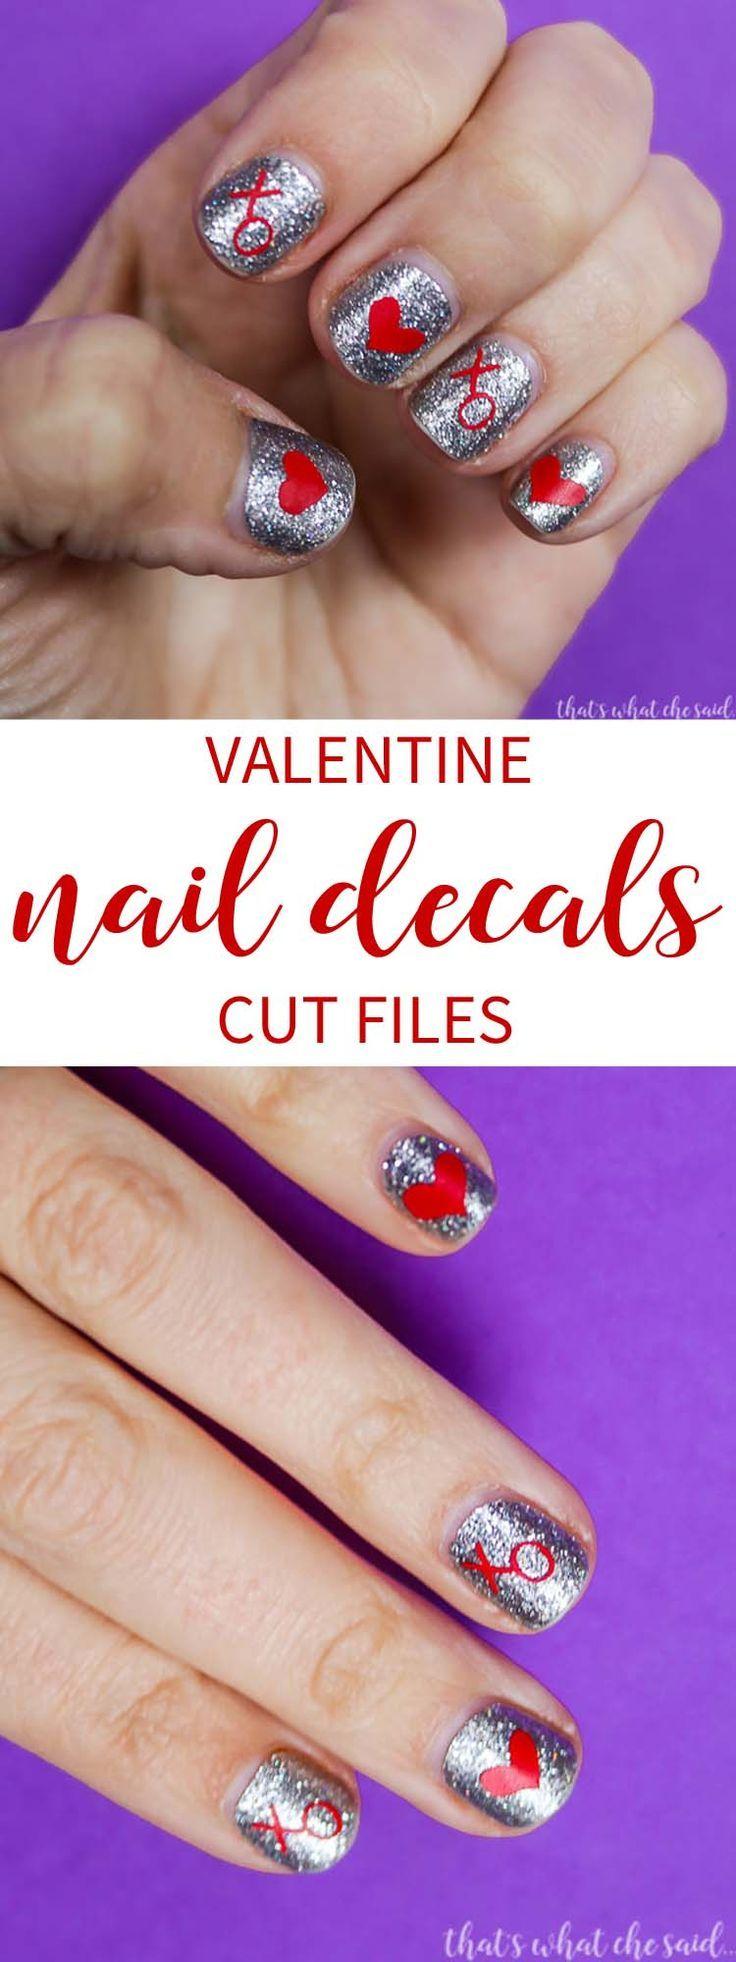 Valentine Nail Decals Diy valentine's nails, Nail decals